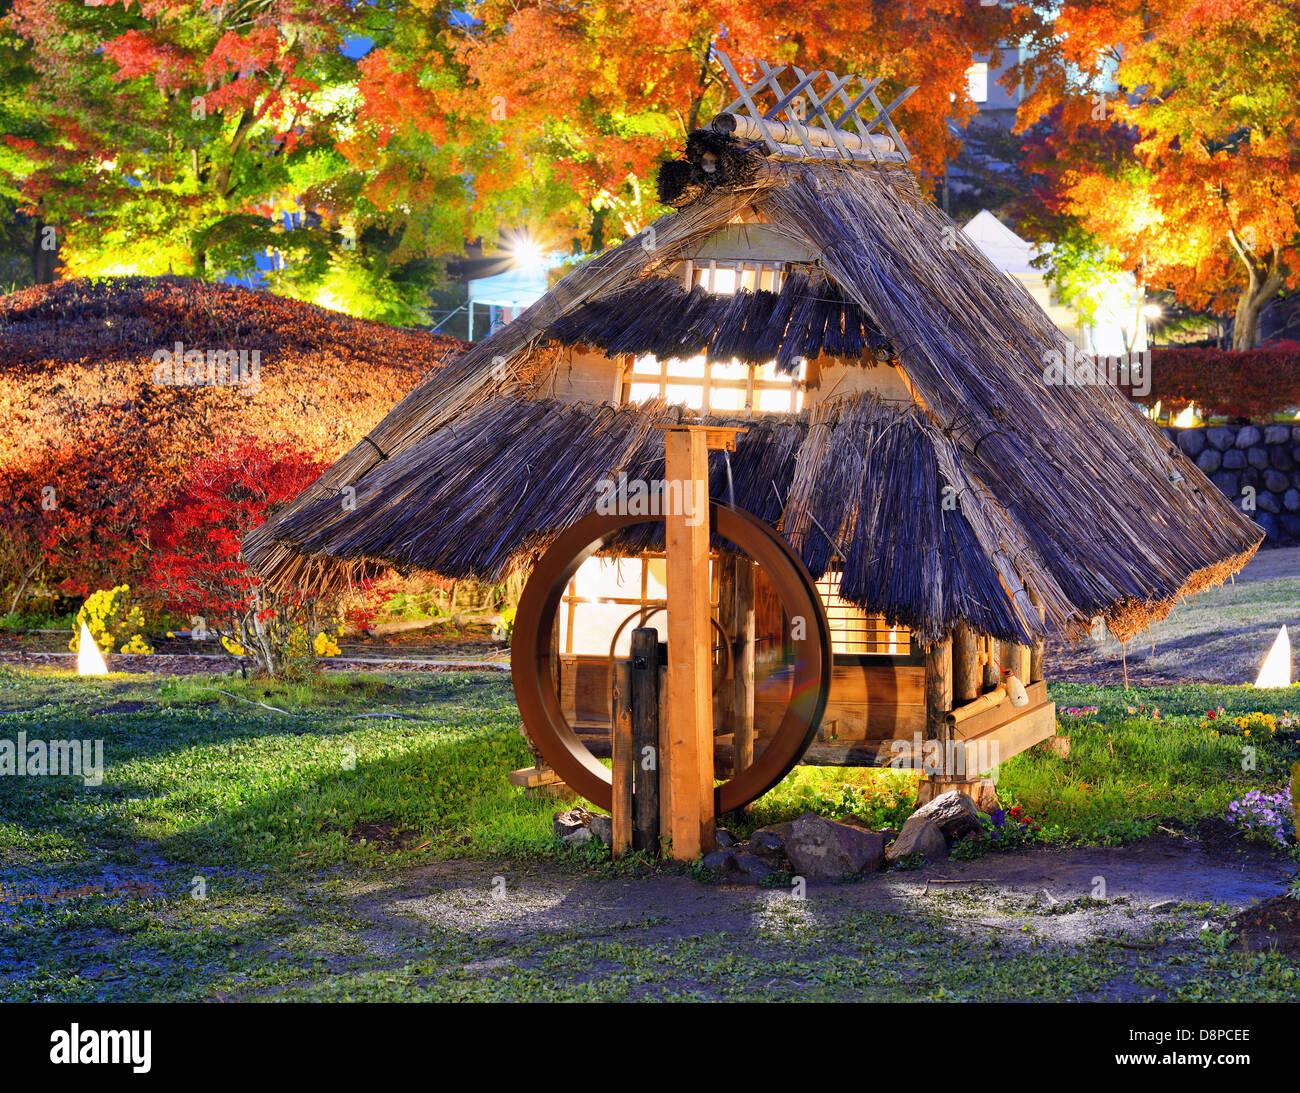 Old Japanese huts in Kawaguchi, Japan. - Stock Image